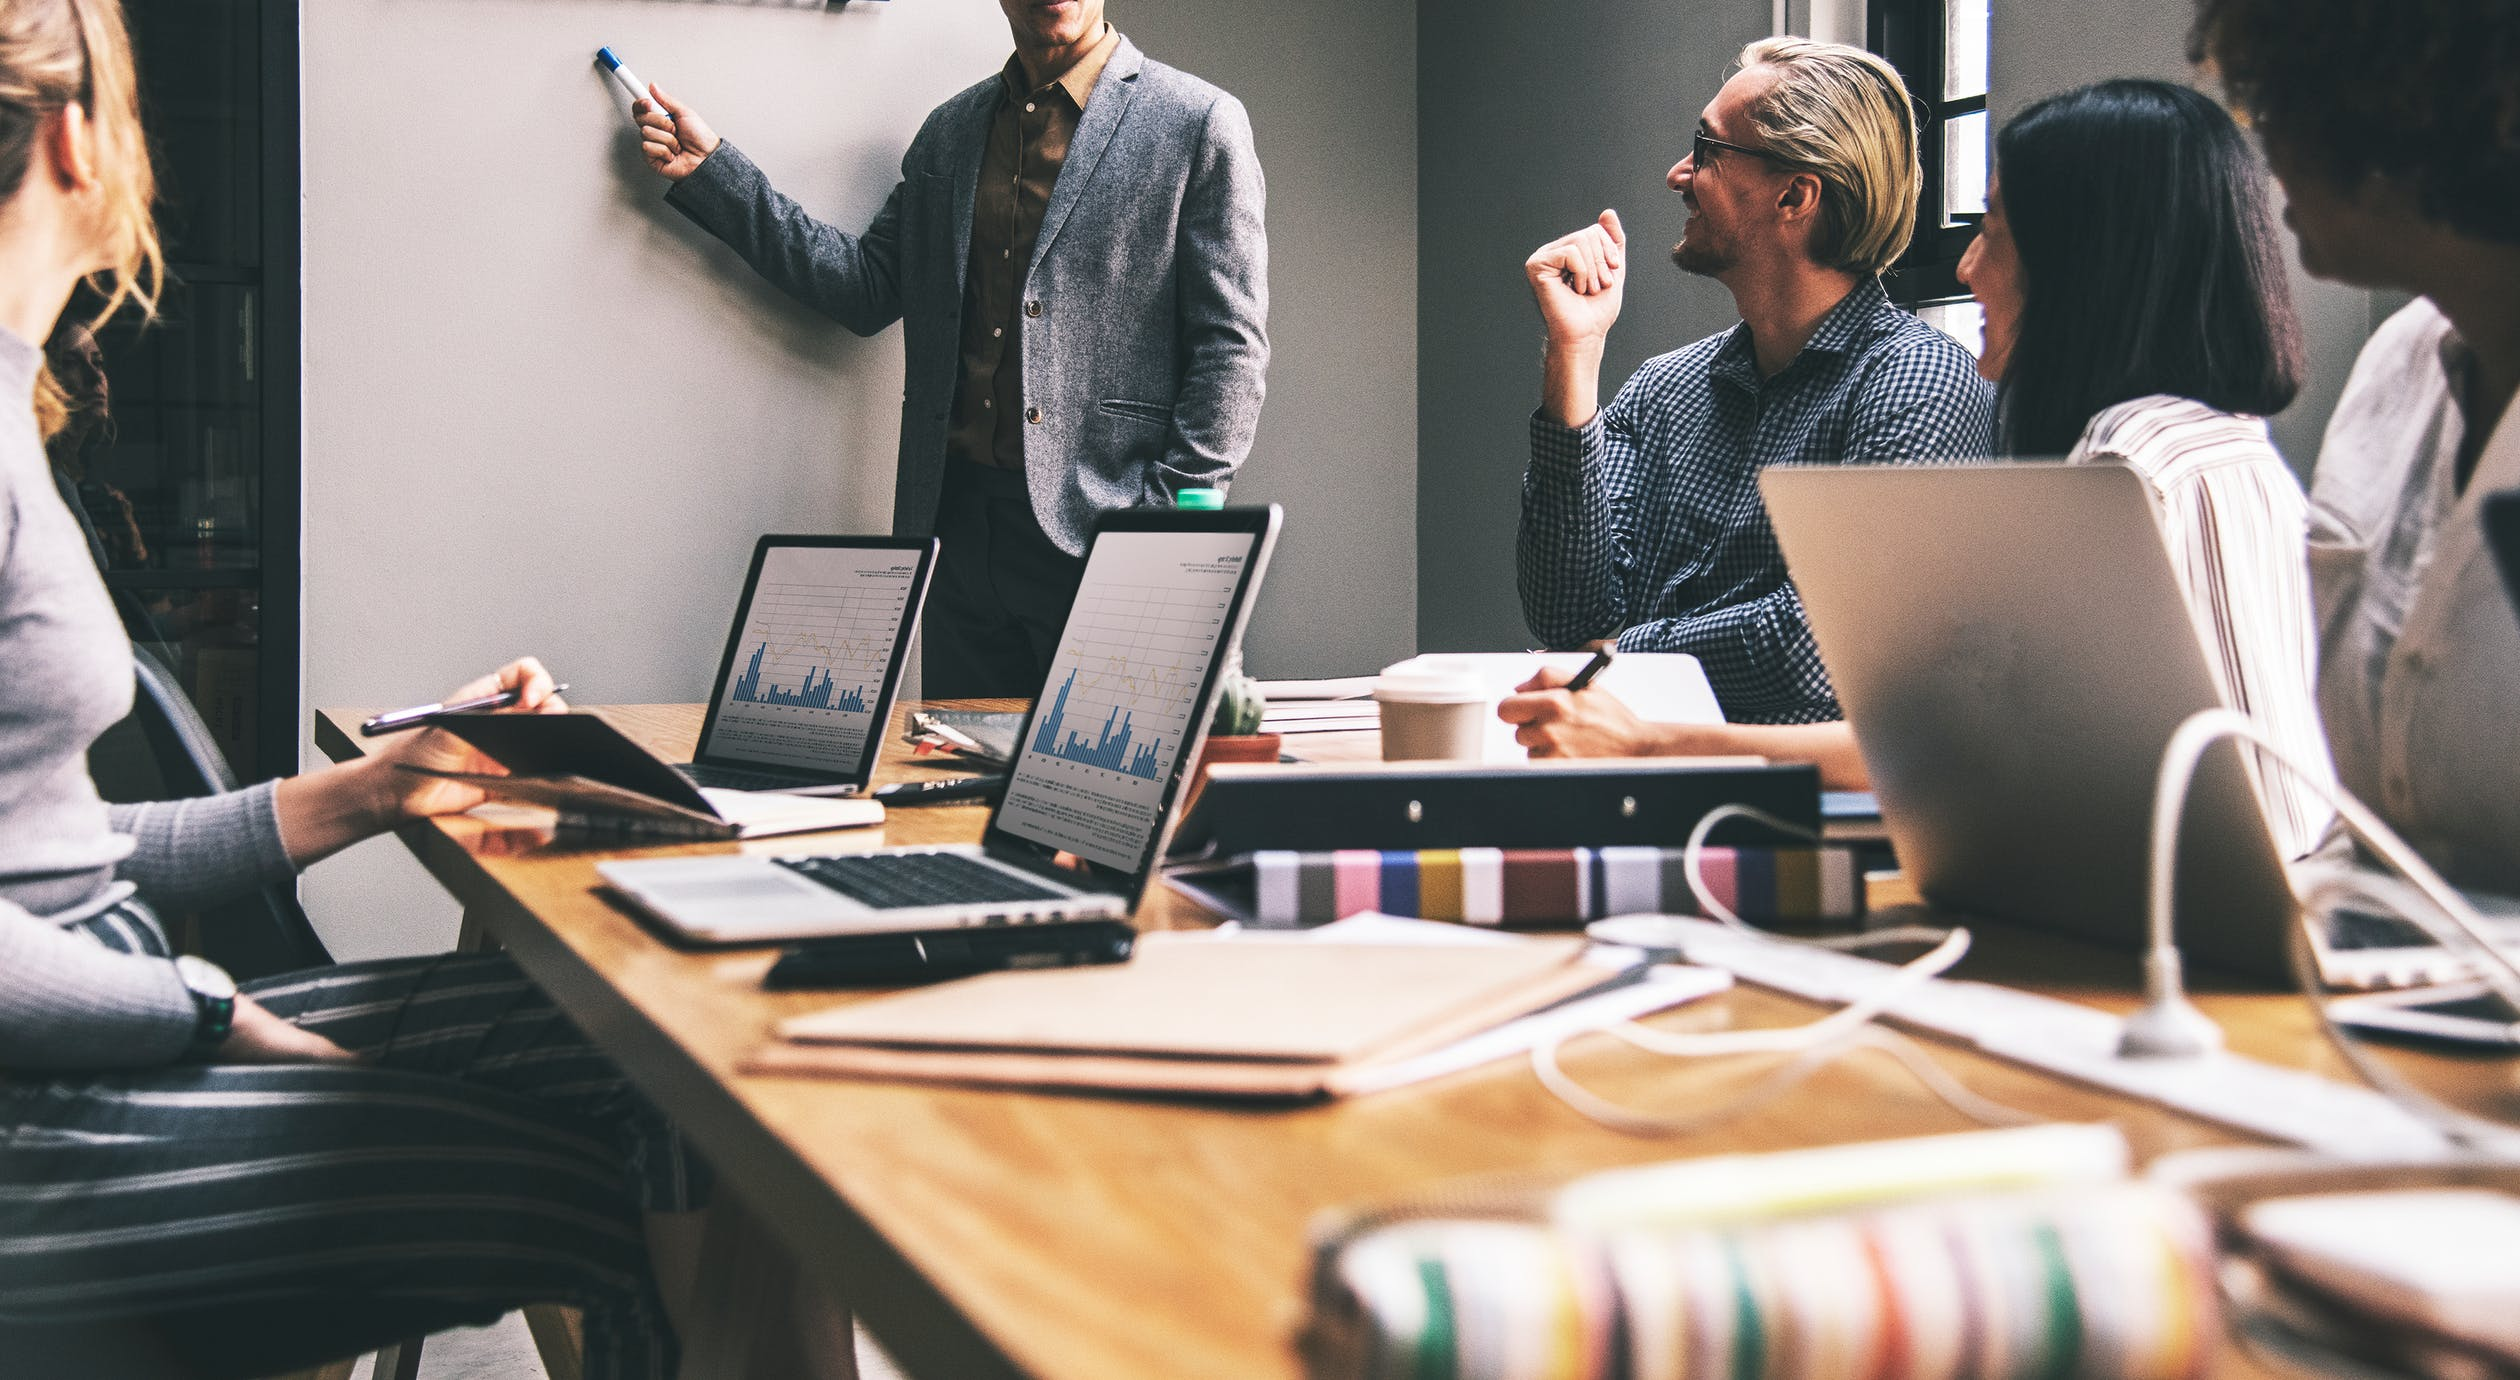 Trois façons d'améliorer vos capacités de réflexion stratégique